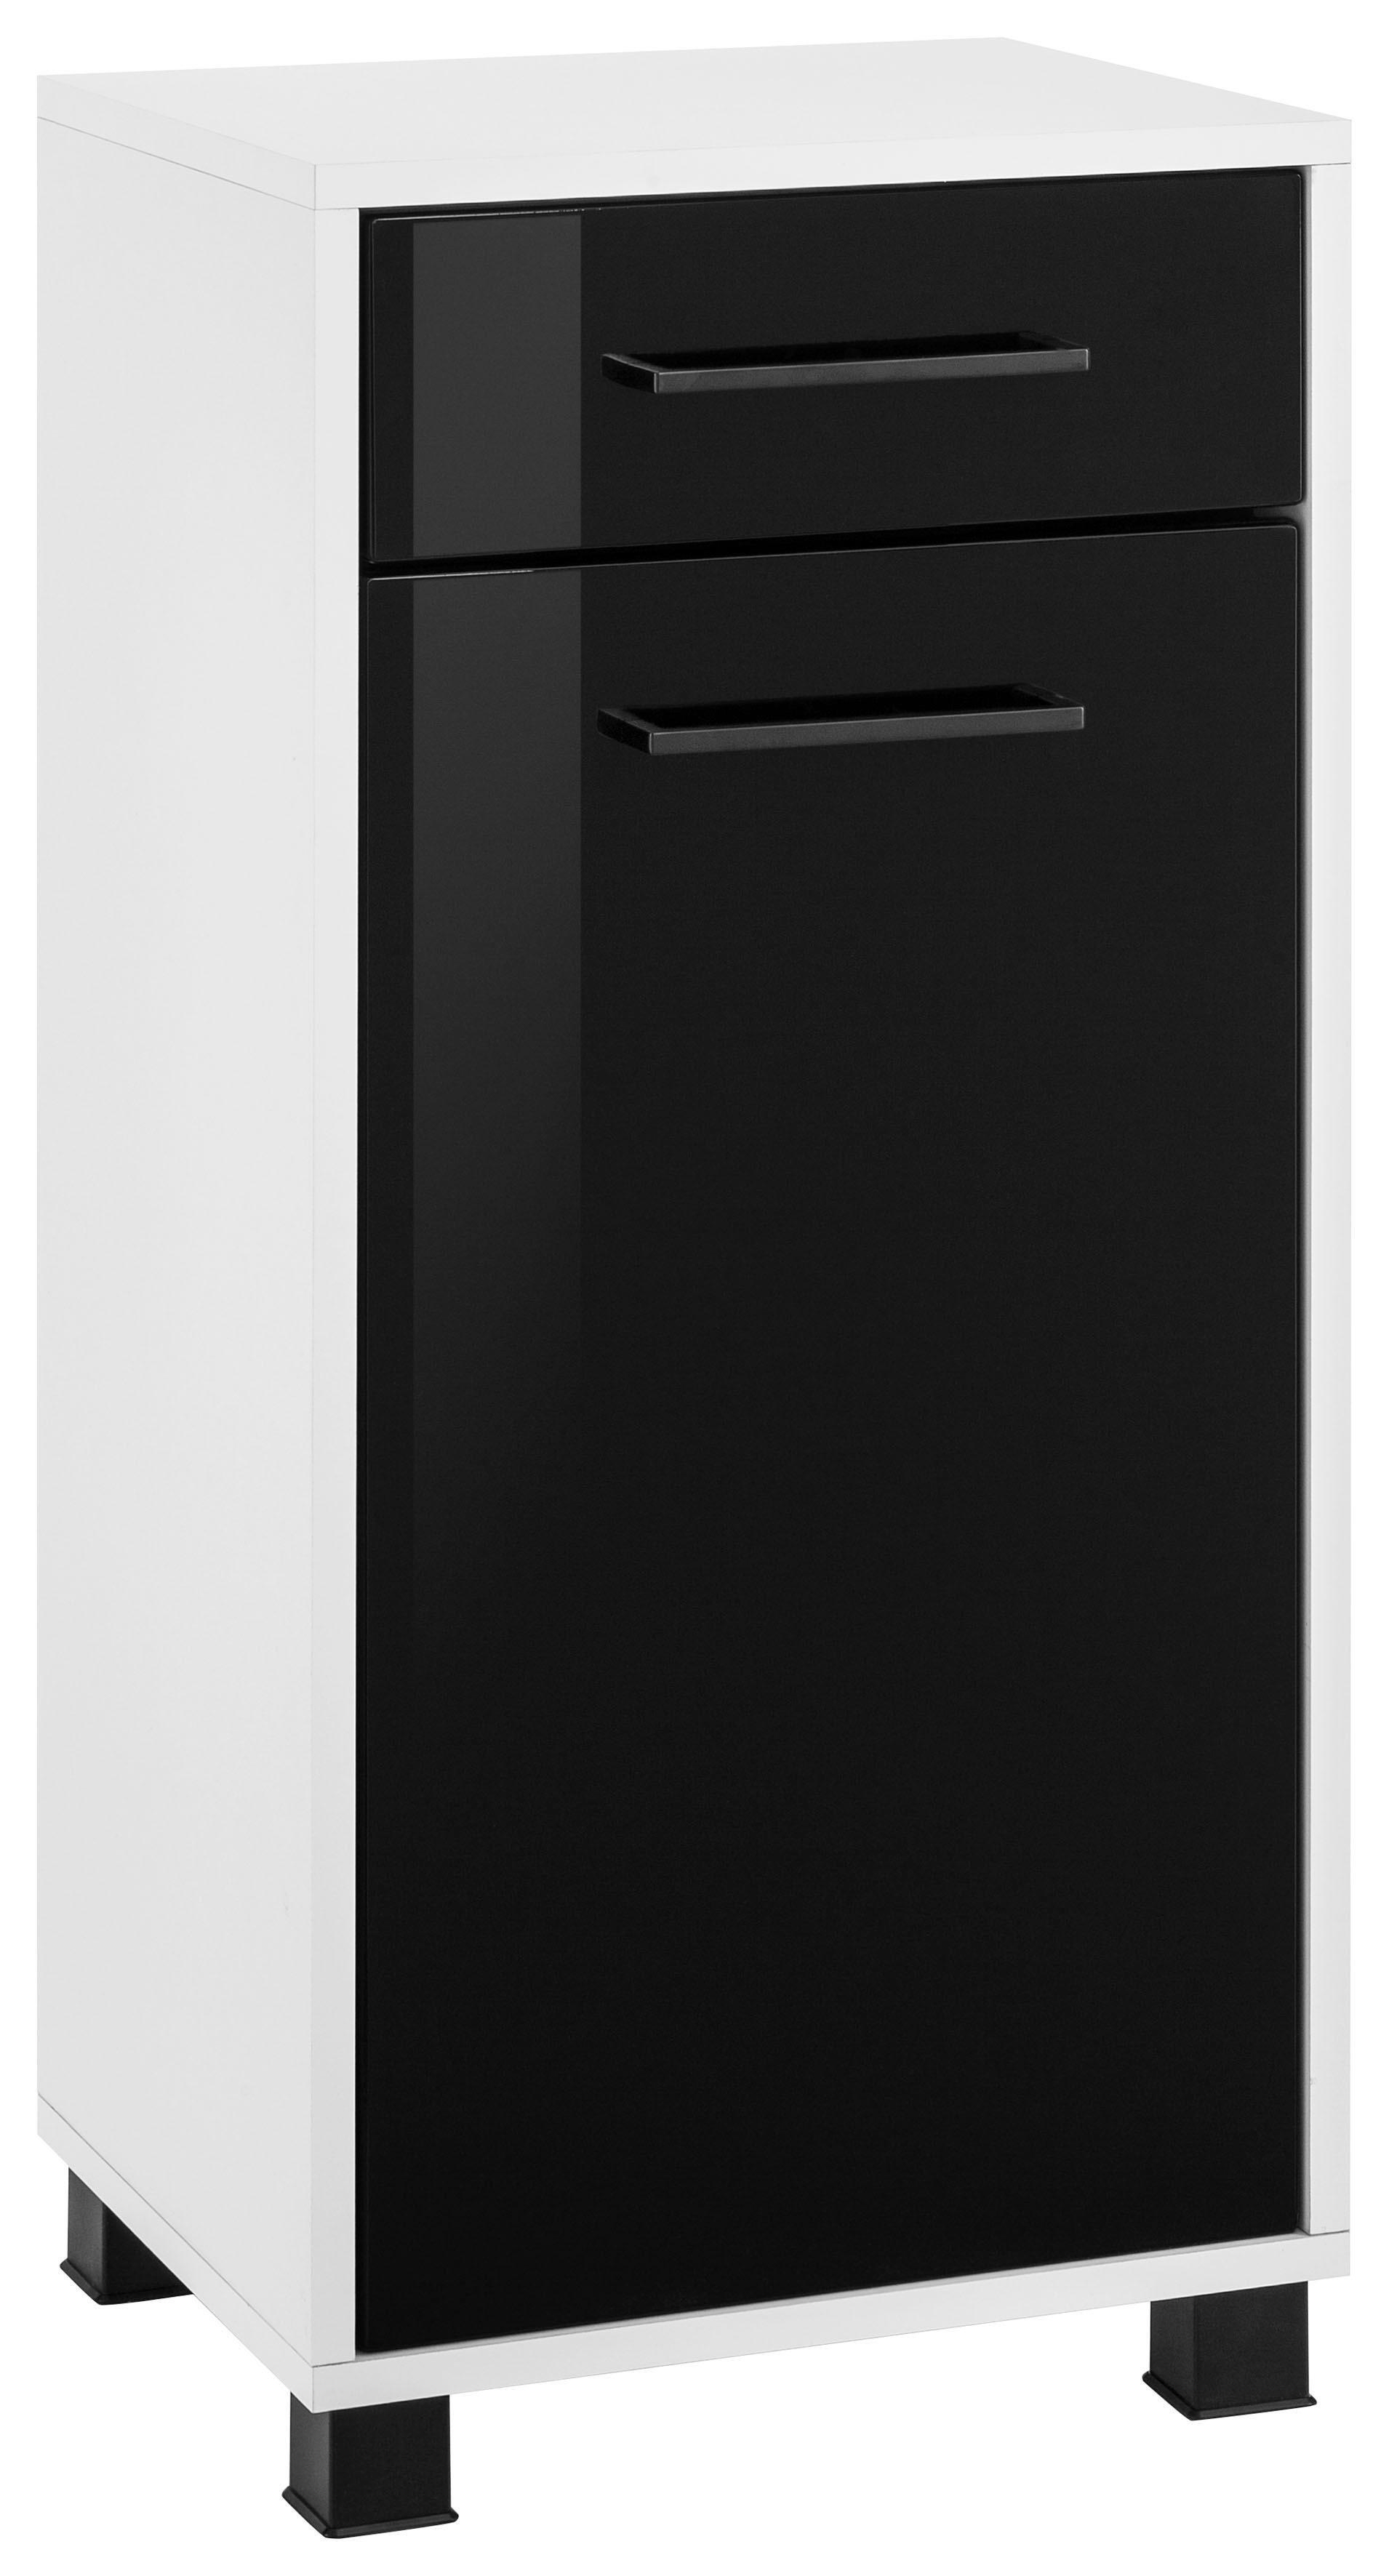 glanz-holz Küchen-Unterschränke online kaufen | Möbel-Suchmaschine ...